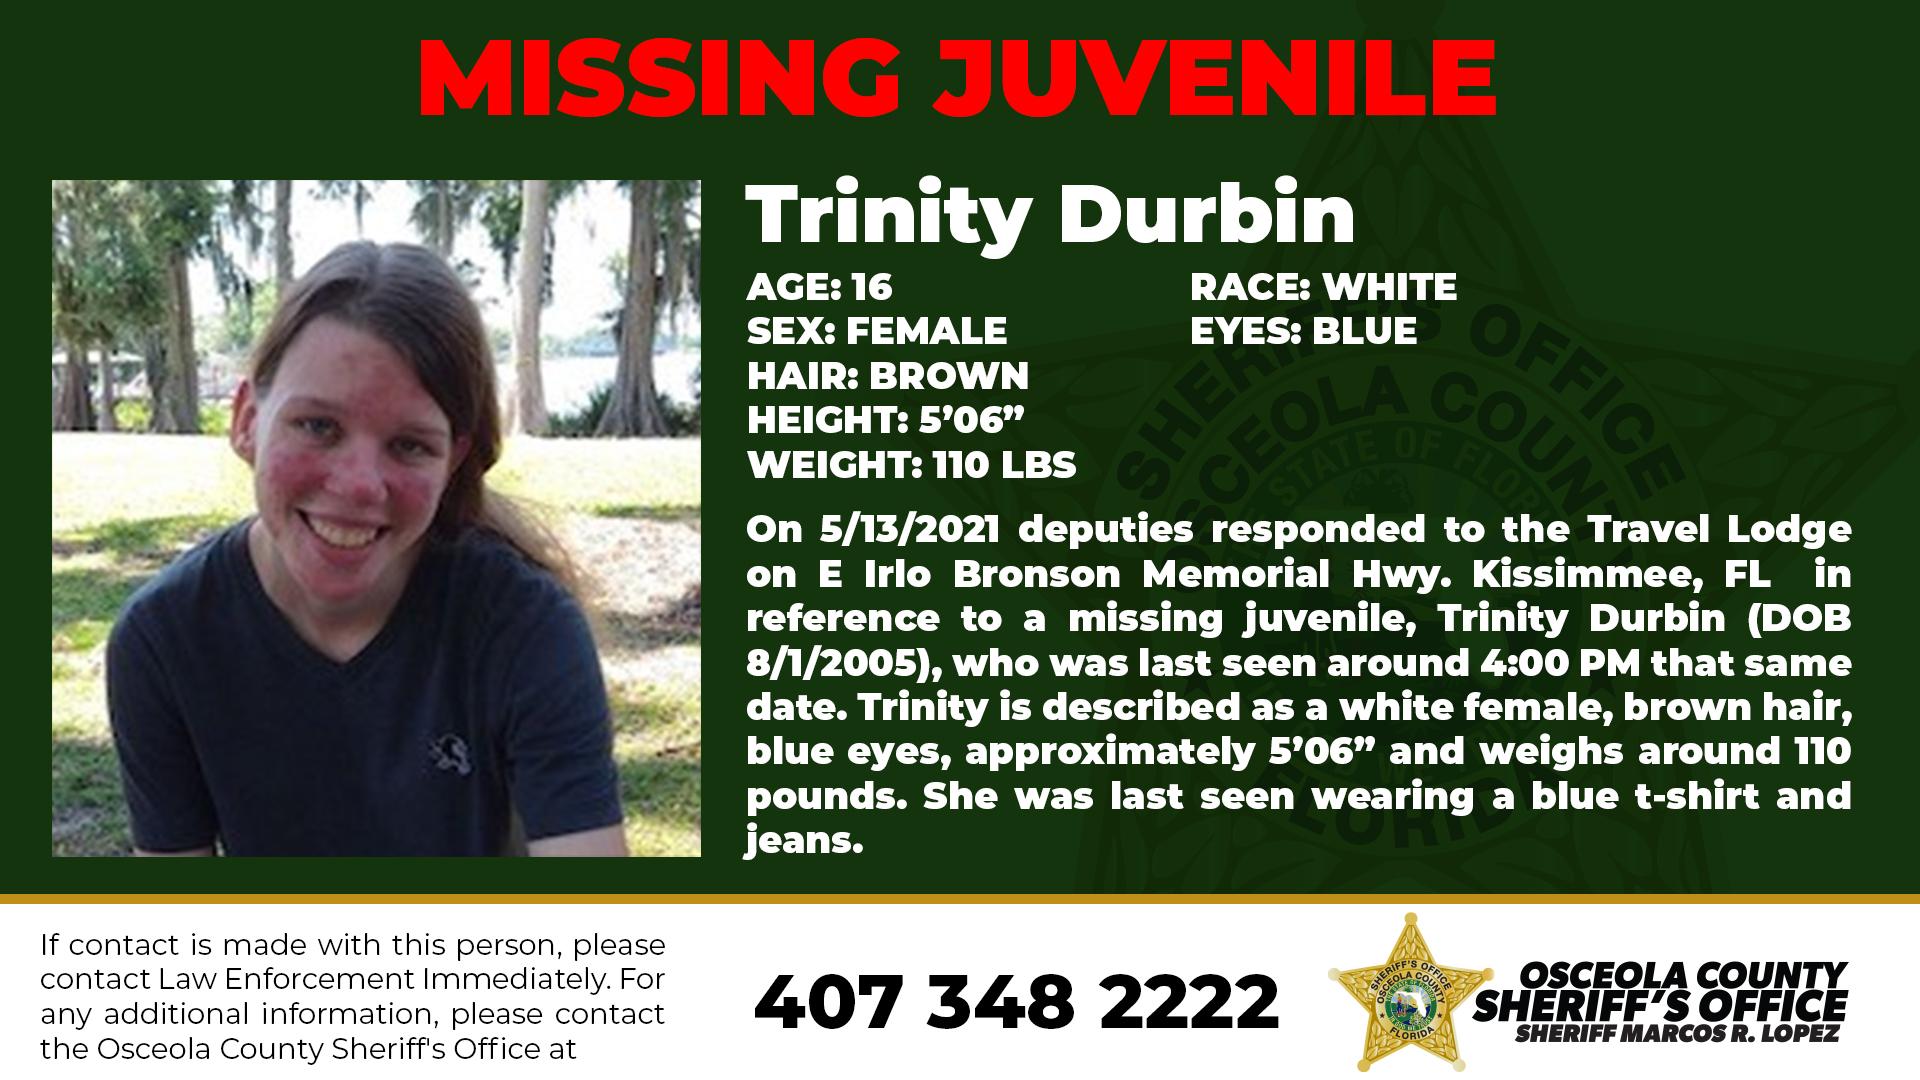 Missing Juvenile Trinity Durbin